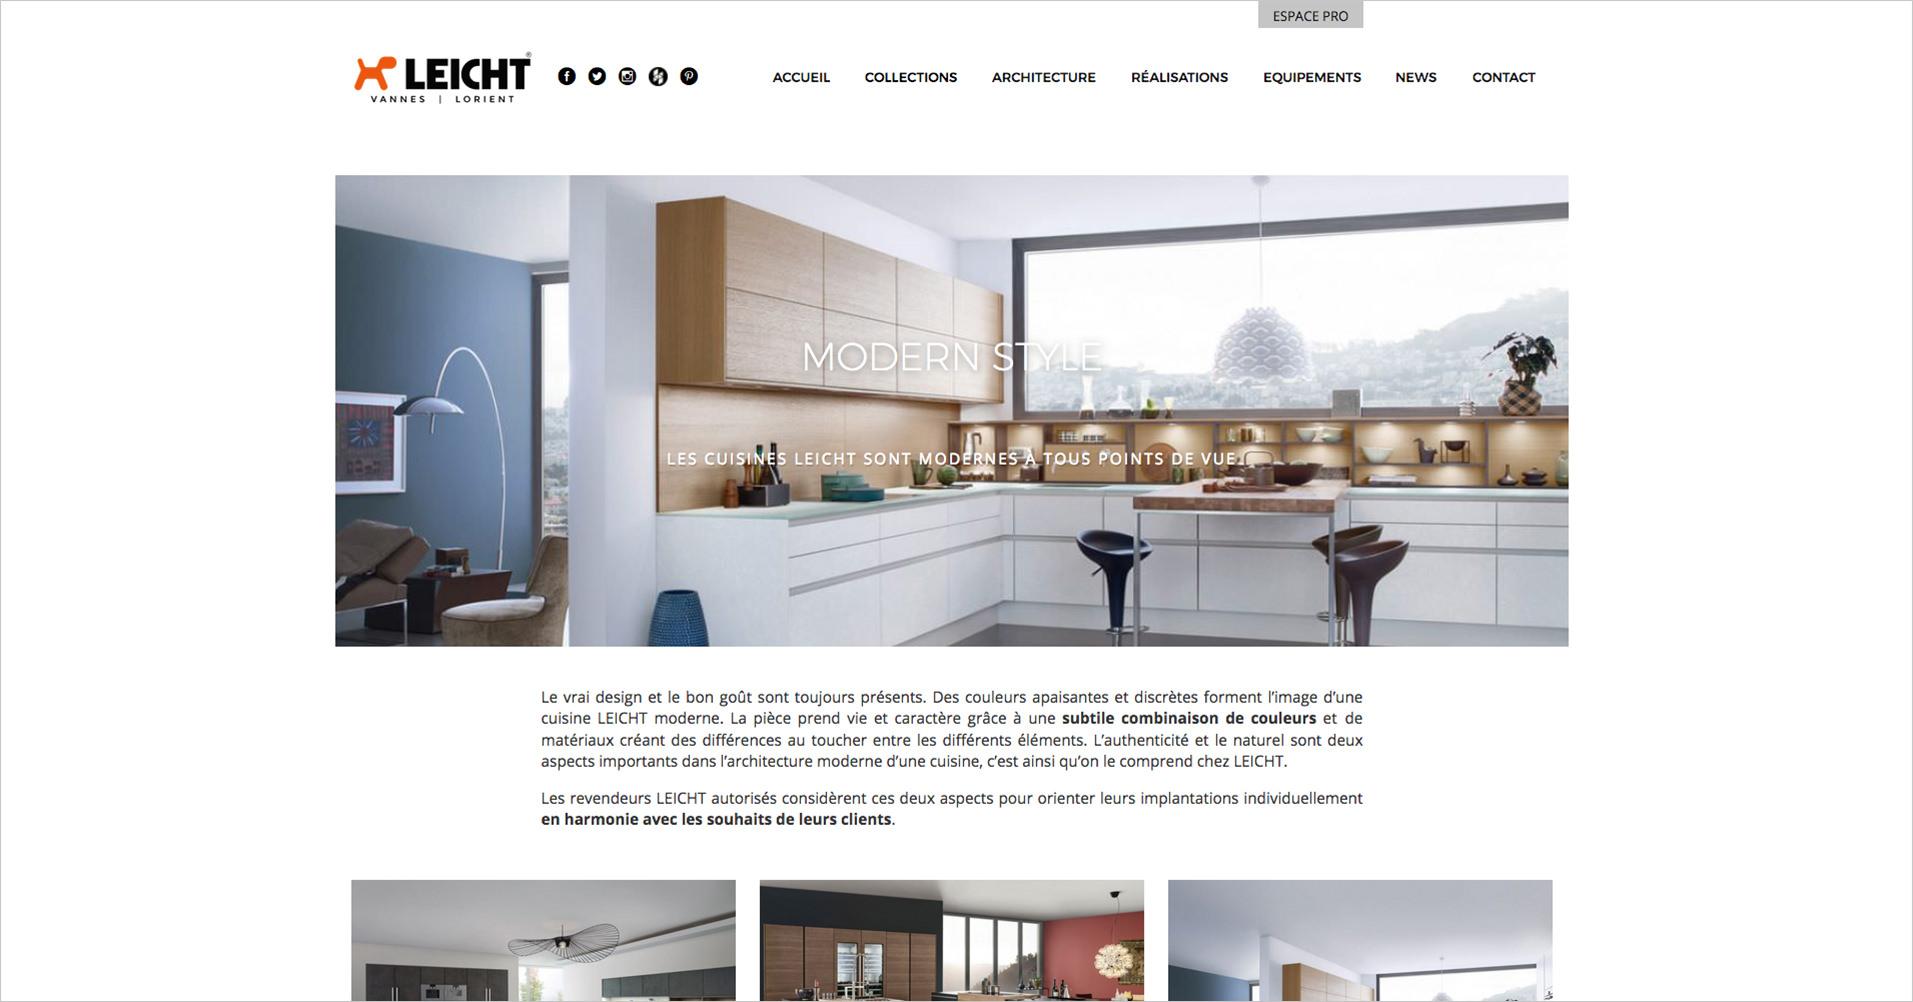 leicht-vannes-ecran-site-web-collection-fiche